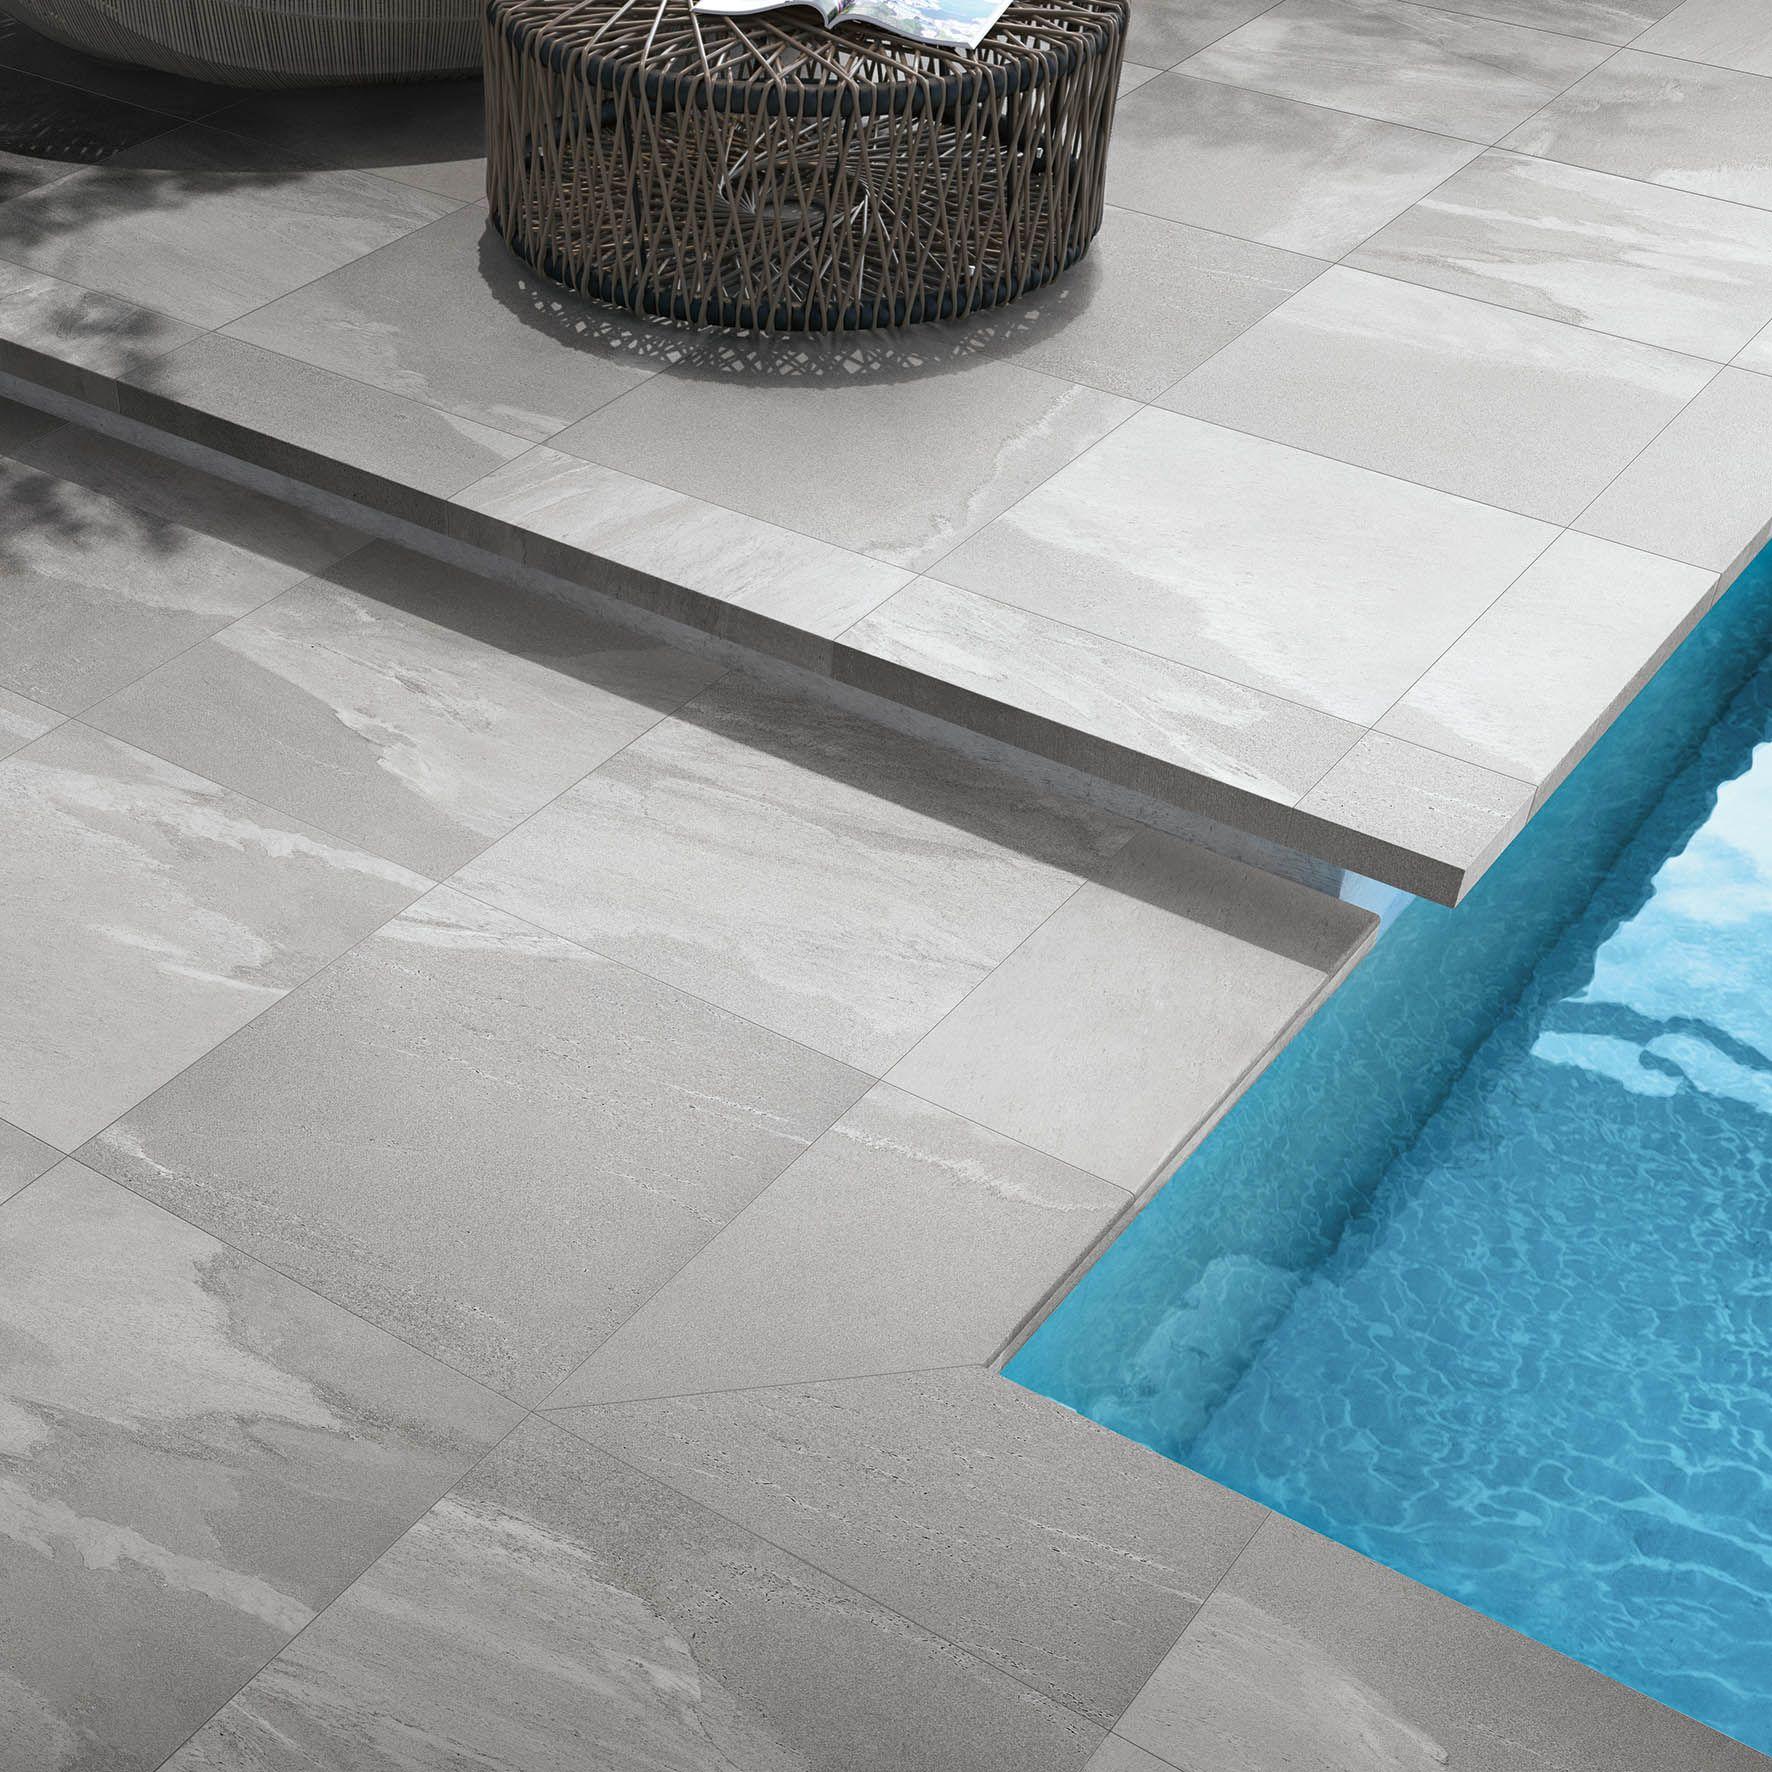 pavimento per esterni in gres porcellanato stonework t20. Black Bedroom Furniture Sets. Home Design Ideas